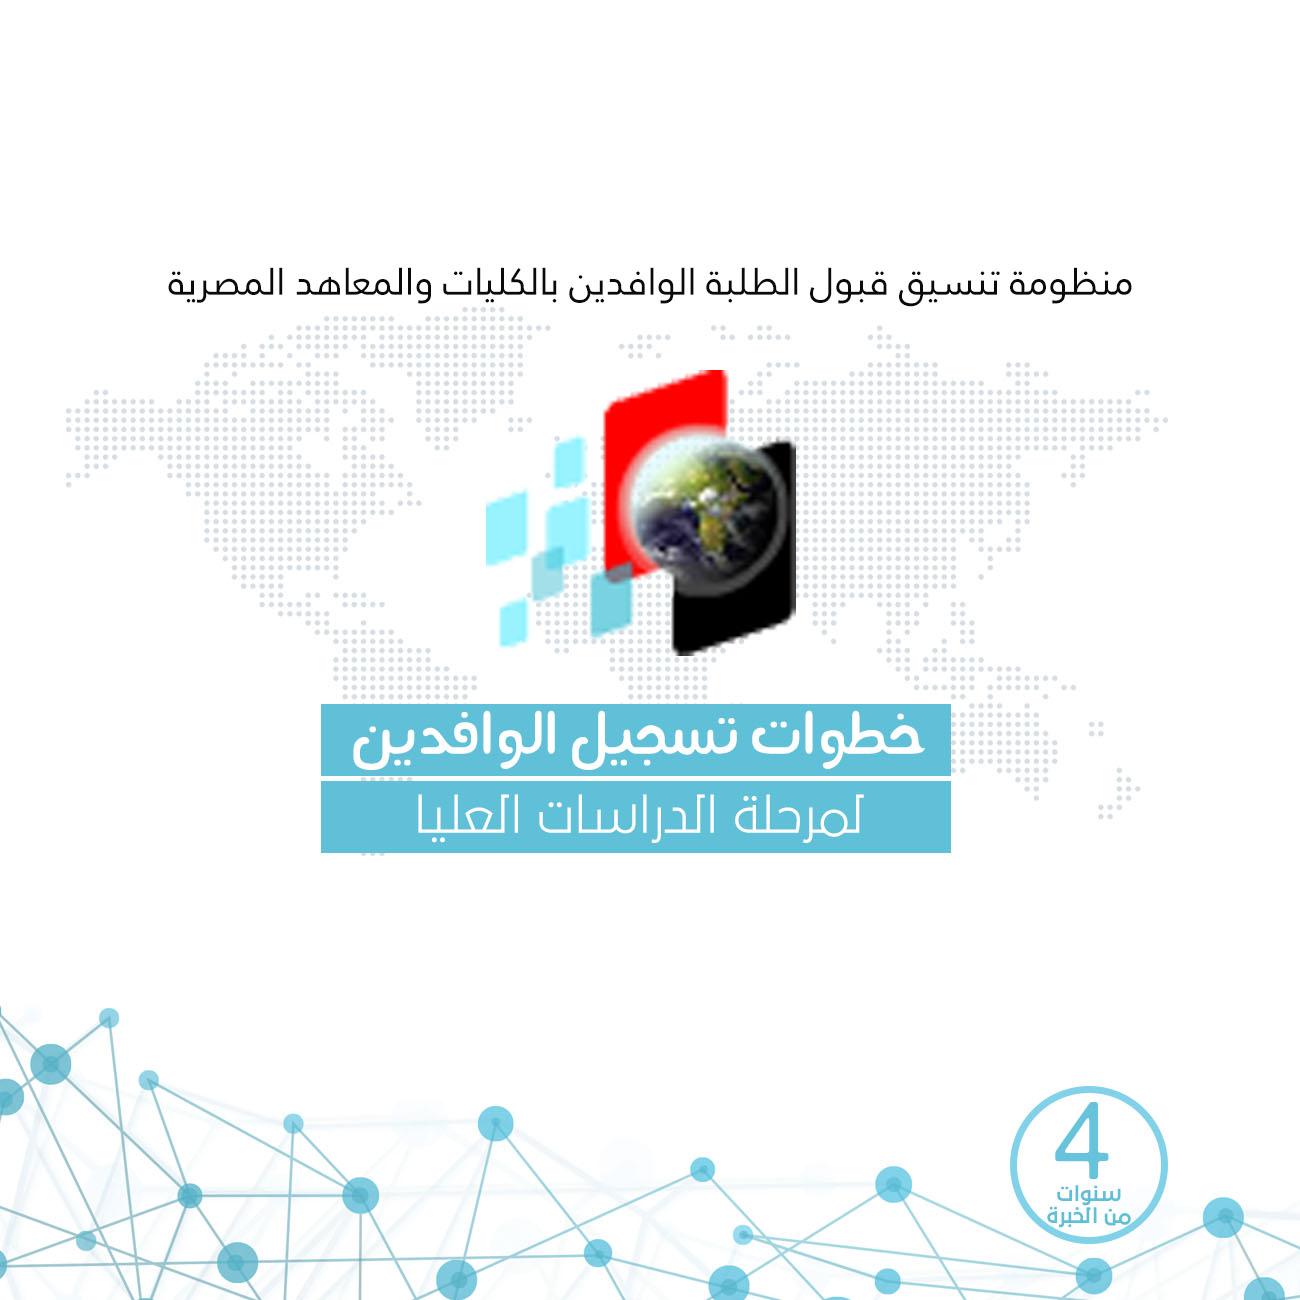 خطوات التسجيل في الجامعات المصرية لمرحلة الدراسات العليا